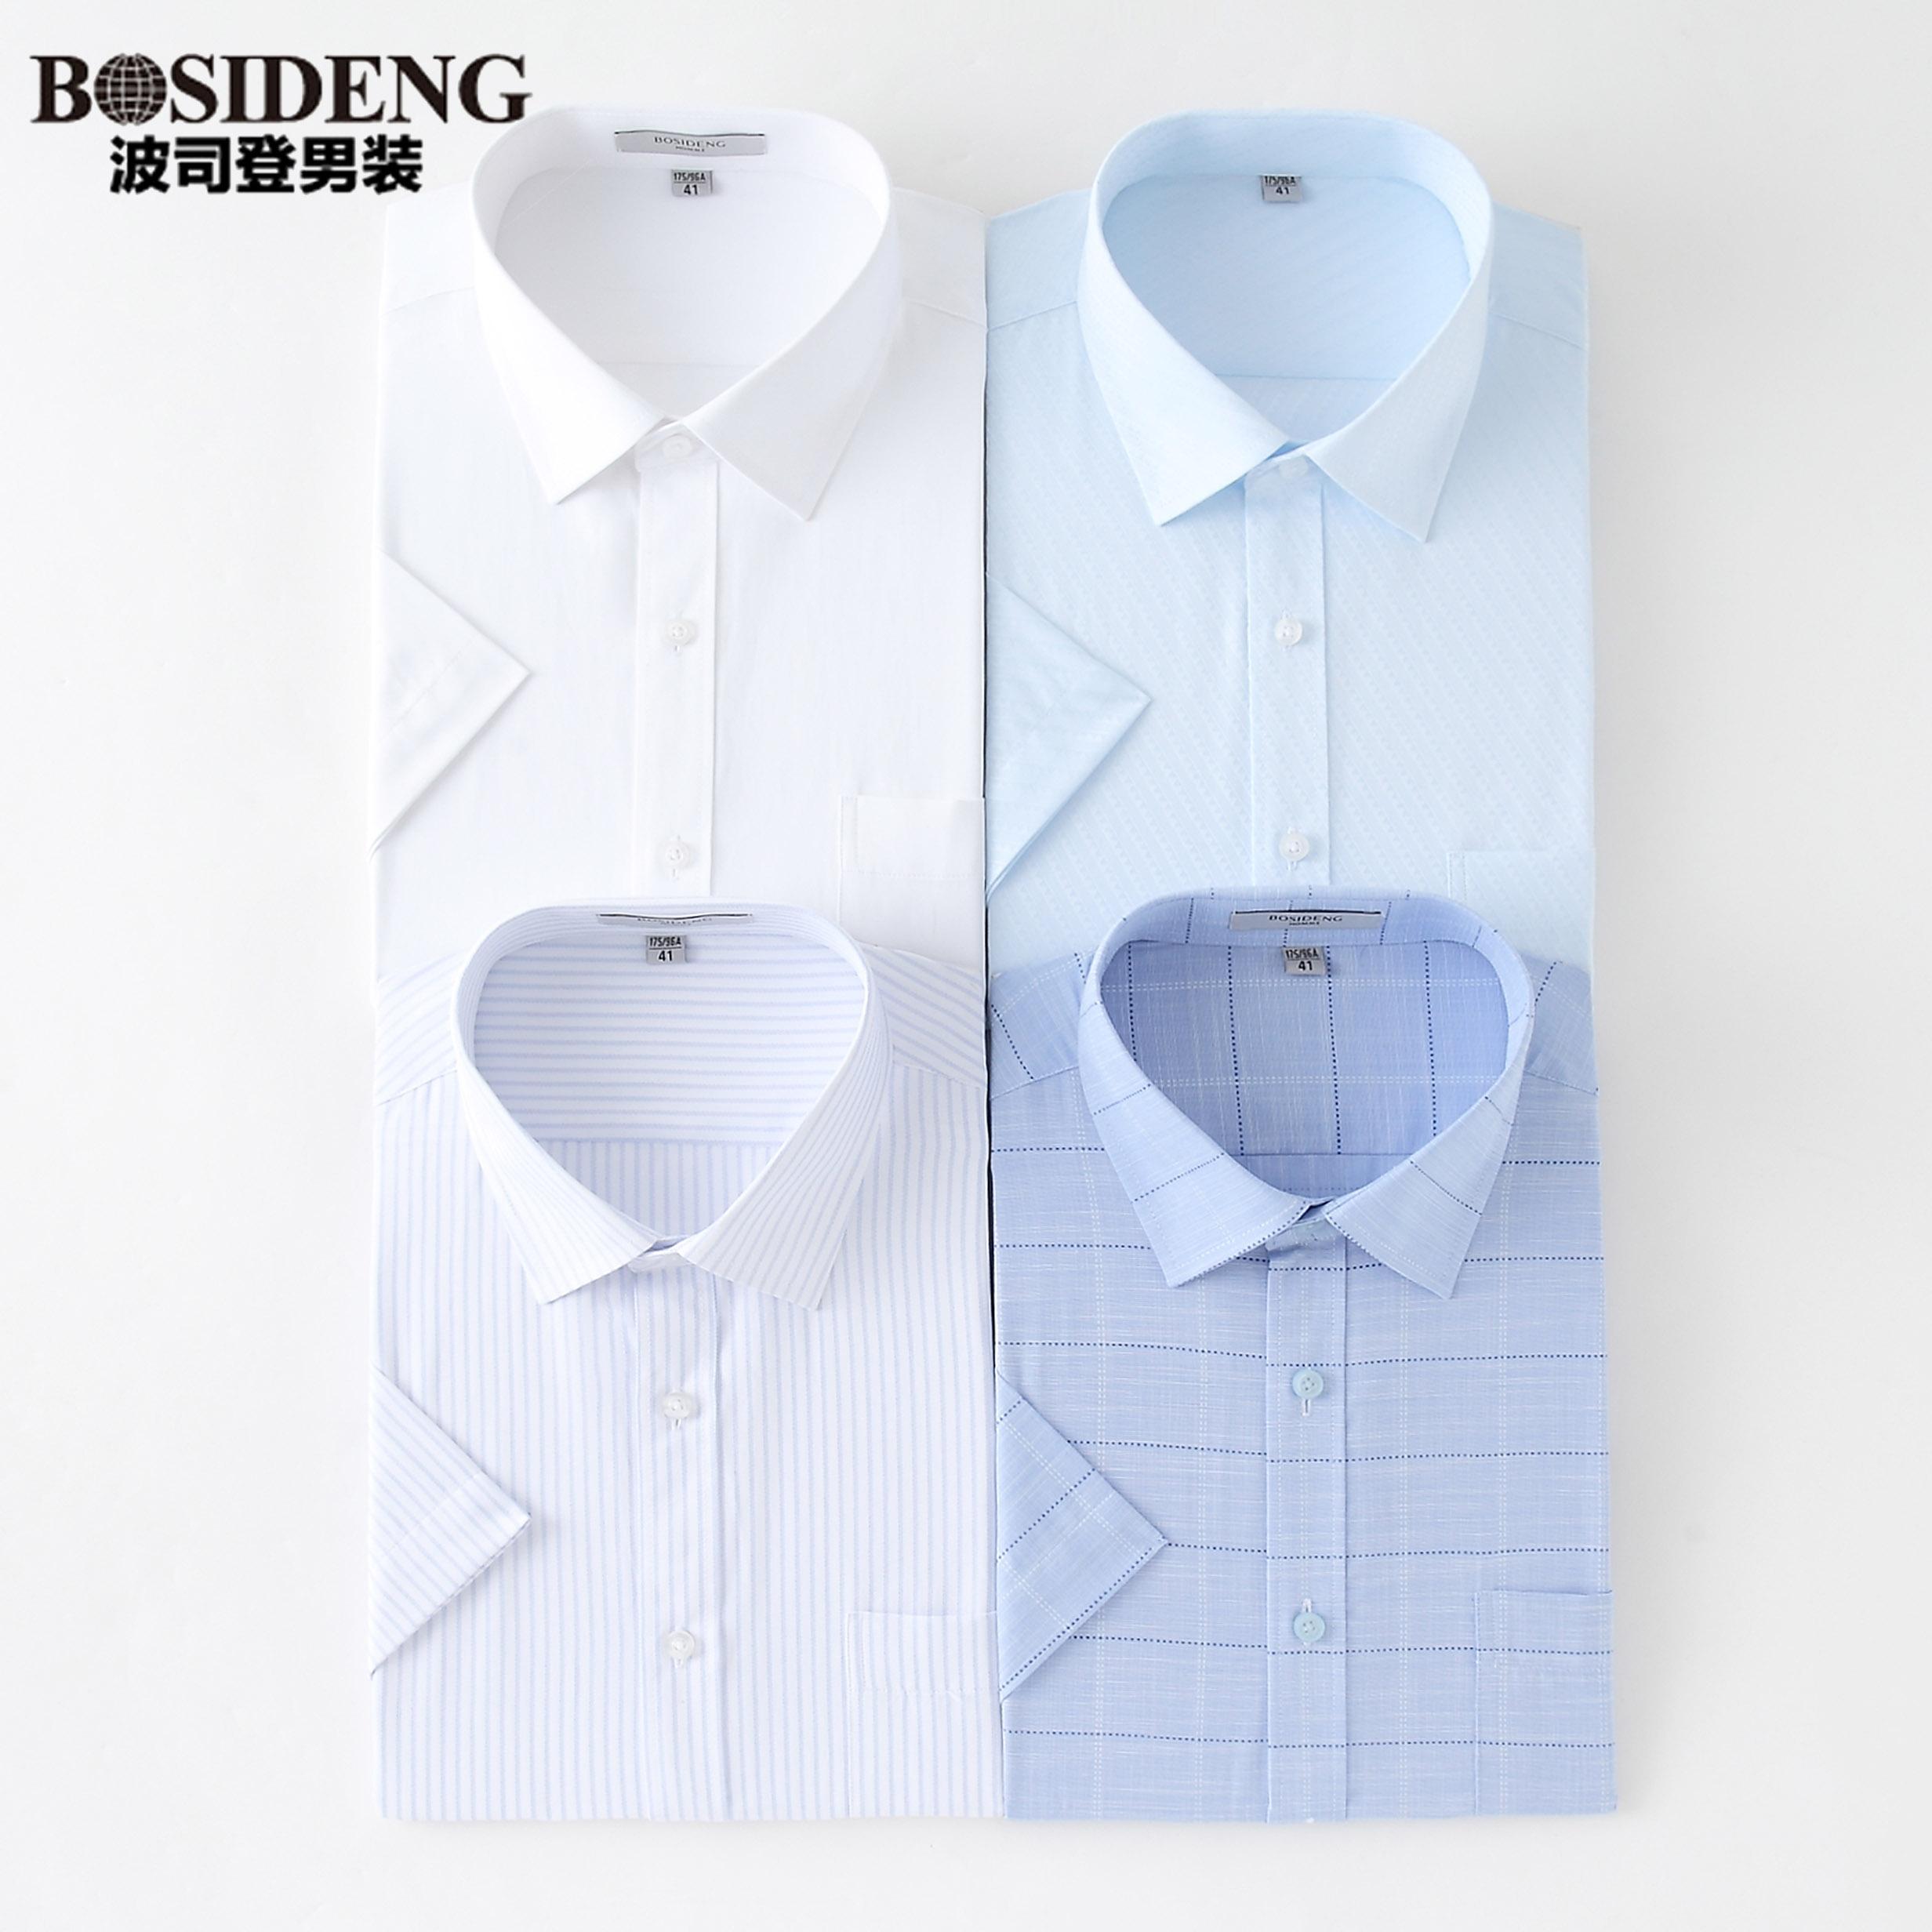 短袖衬衣透气休闲男青年格子衬衫男式半袖夏季波司登商务